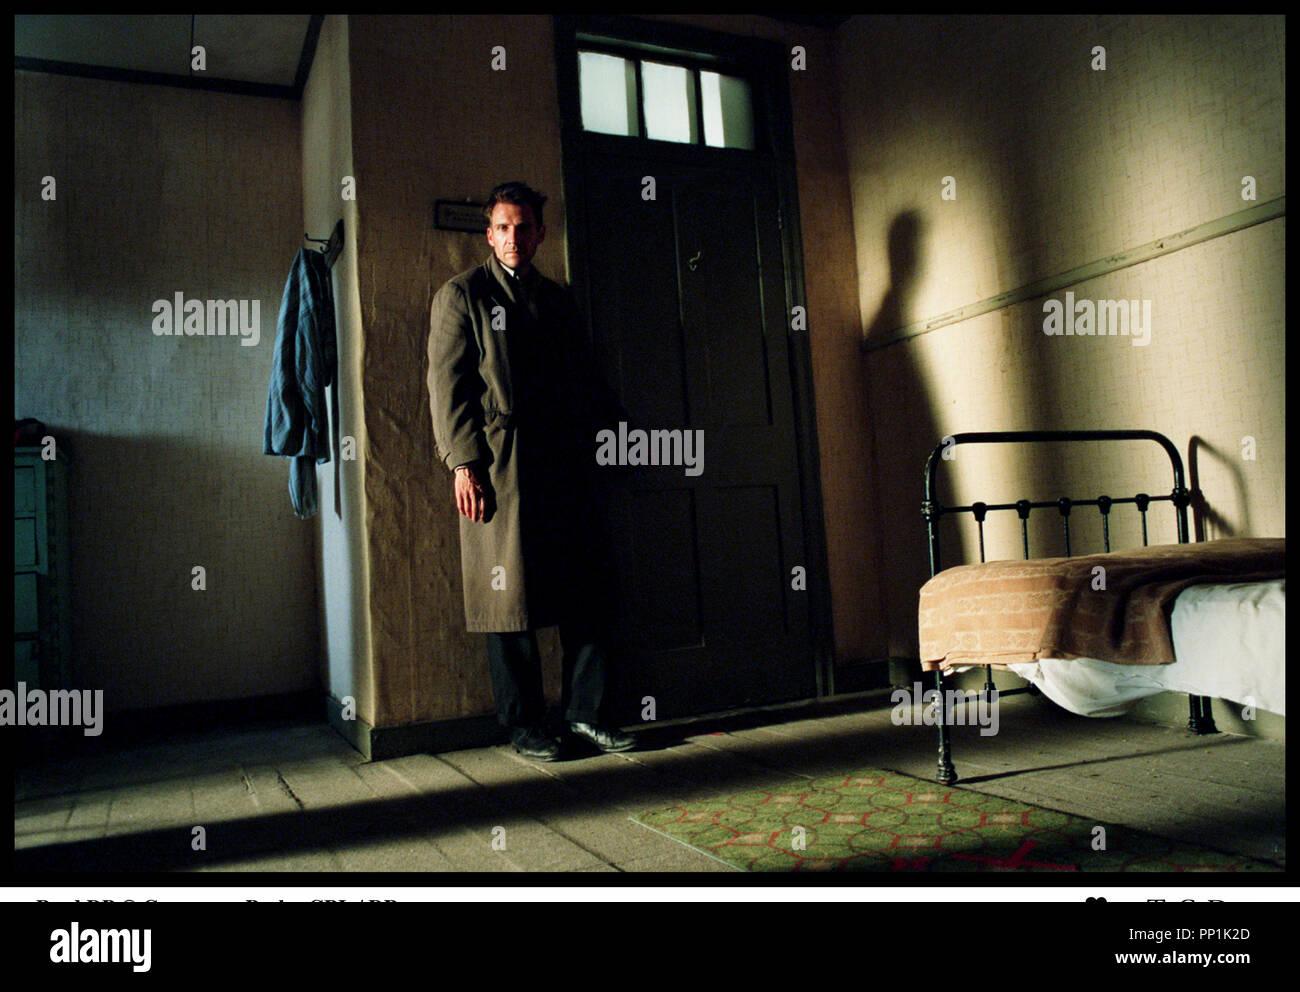 Prod DB © Grosvenor Park - CBL / DR SPIDER (SPIDER) de David Cronenberg 2002 USA avec Ralph Fiennes d'apres le roman de Patrick McGrath - Stock Image